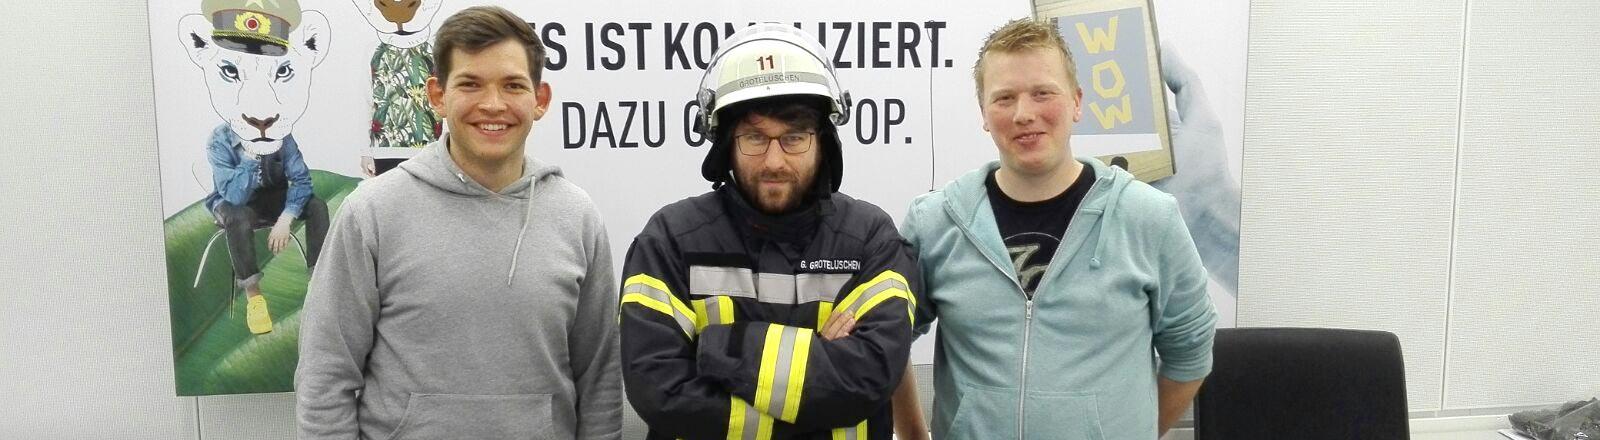 Michael Beßmann und Gerrit Grotelüschen